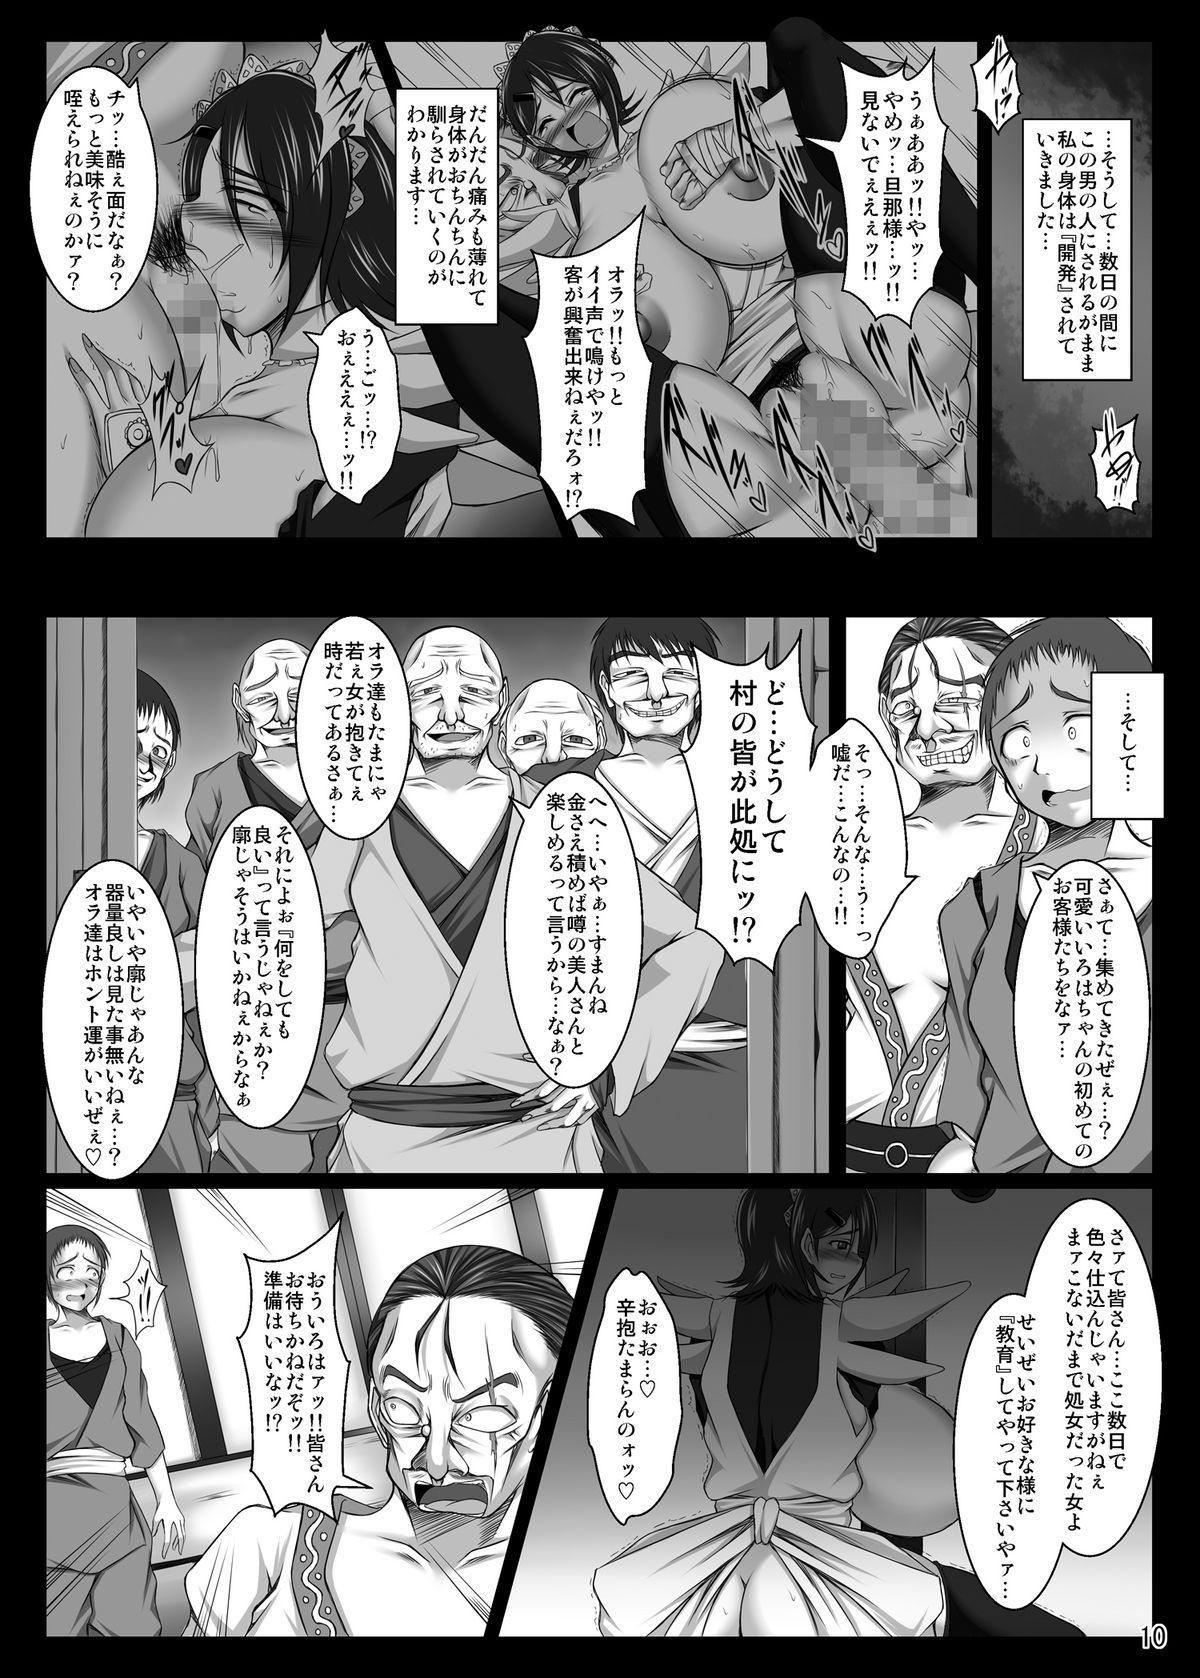 Iroha Kuzushi 9